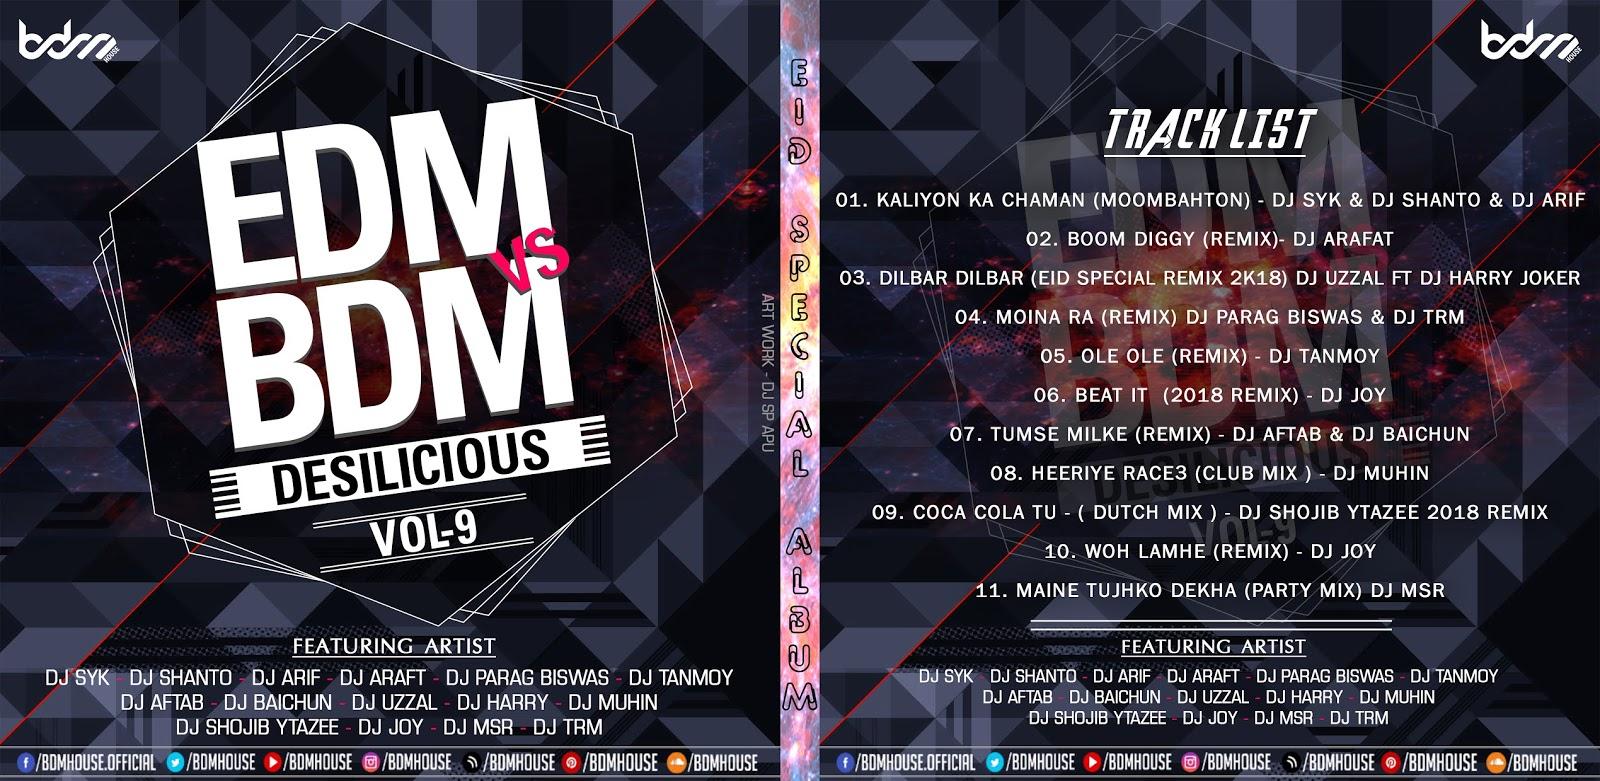 BDM HOUSE RECORD: Edm VS Bdm Desilicious vol 09 - BDM House